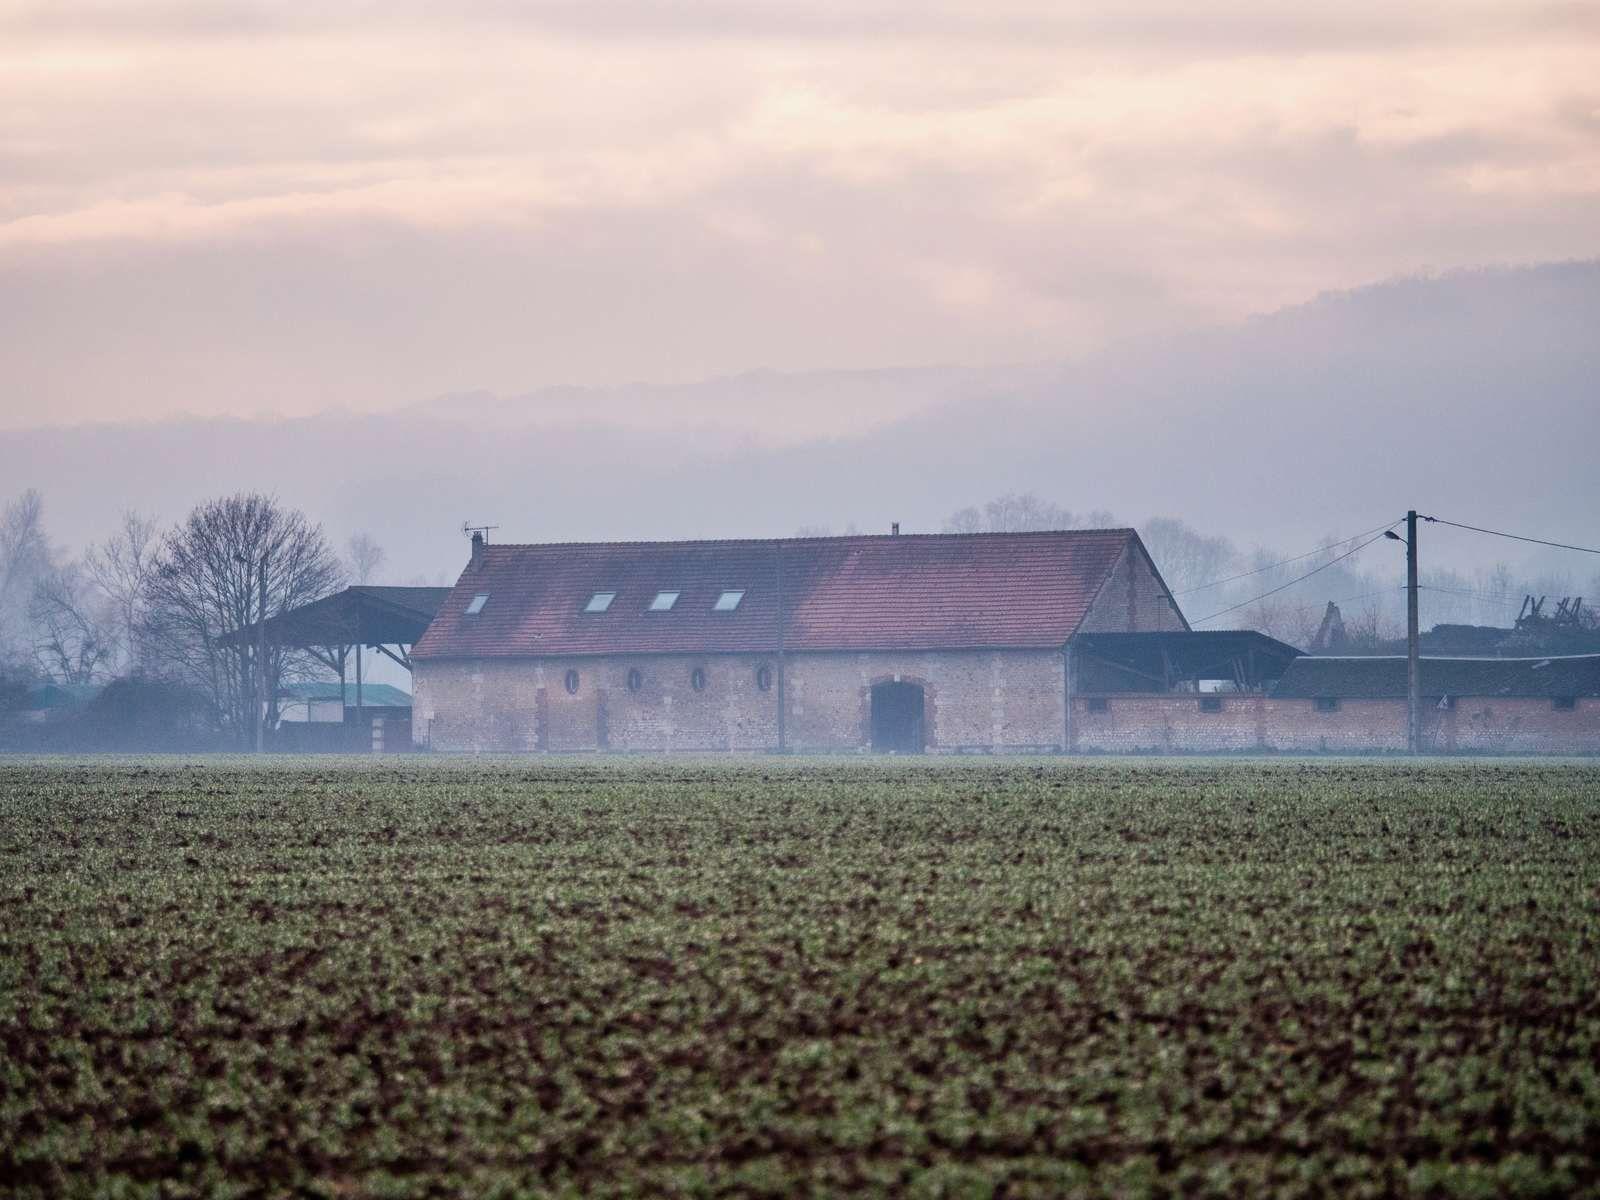 Couleurs d'hiver sur Pinterville par Frédéric Ménissier (janvier 2021).